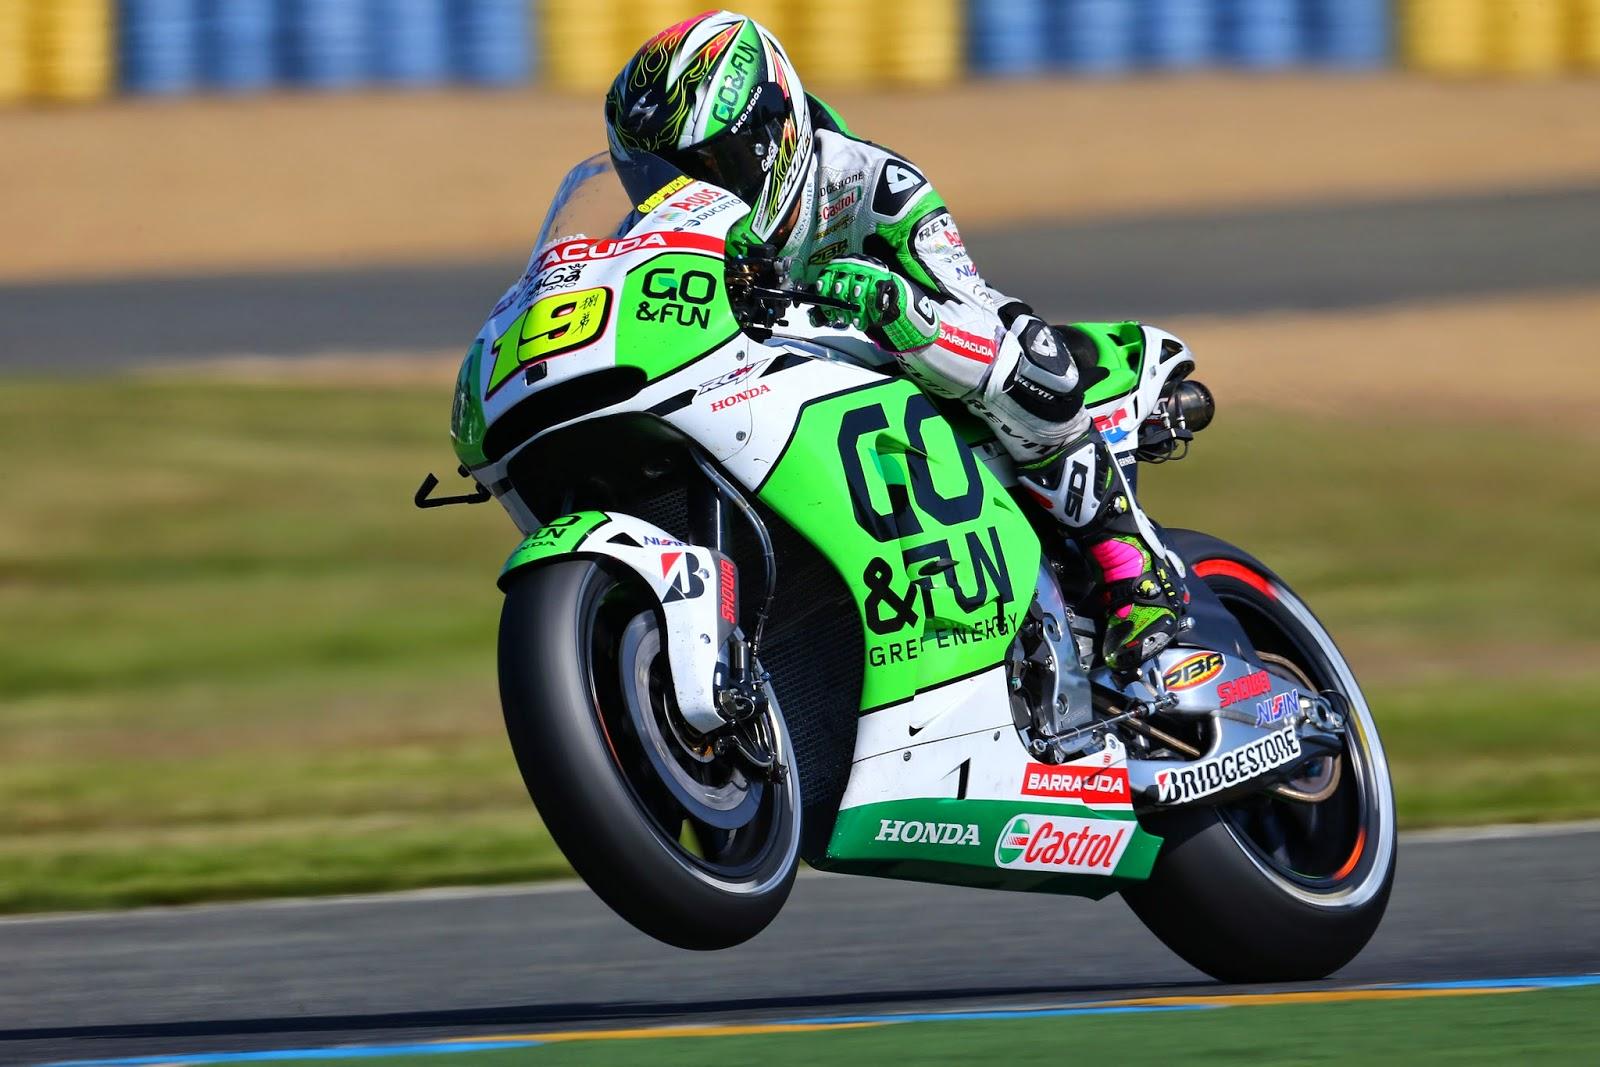 Ασταμάτητος ο Marquez, πραγματοποίησε την 5η συνεχόμενη νίκη του στο Le Mans - Φωτογραφία 1